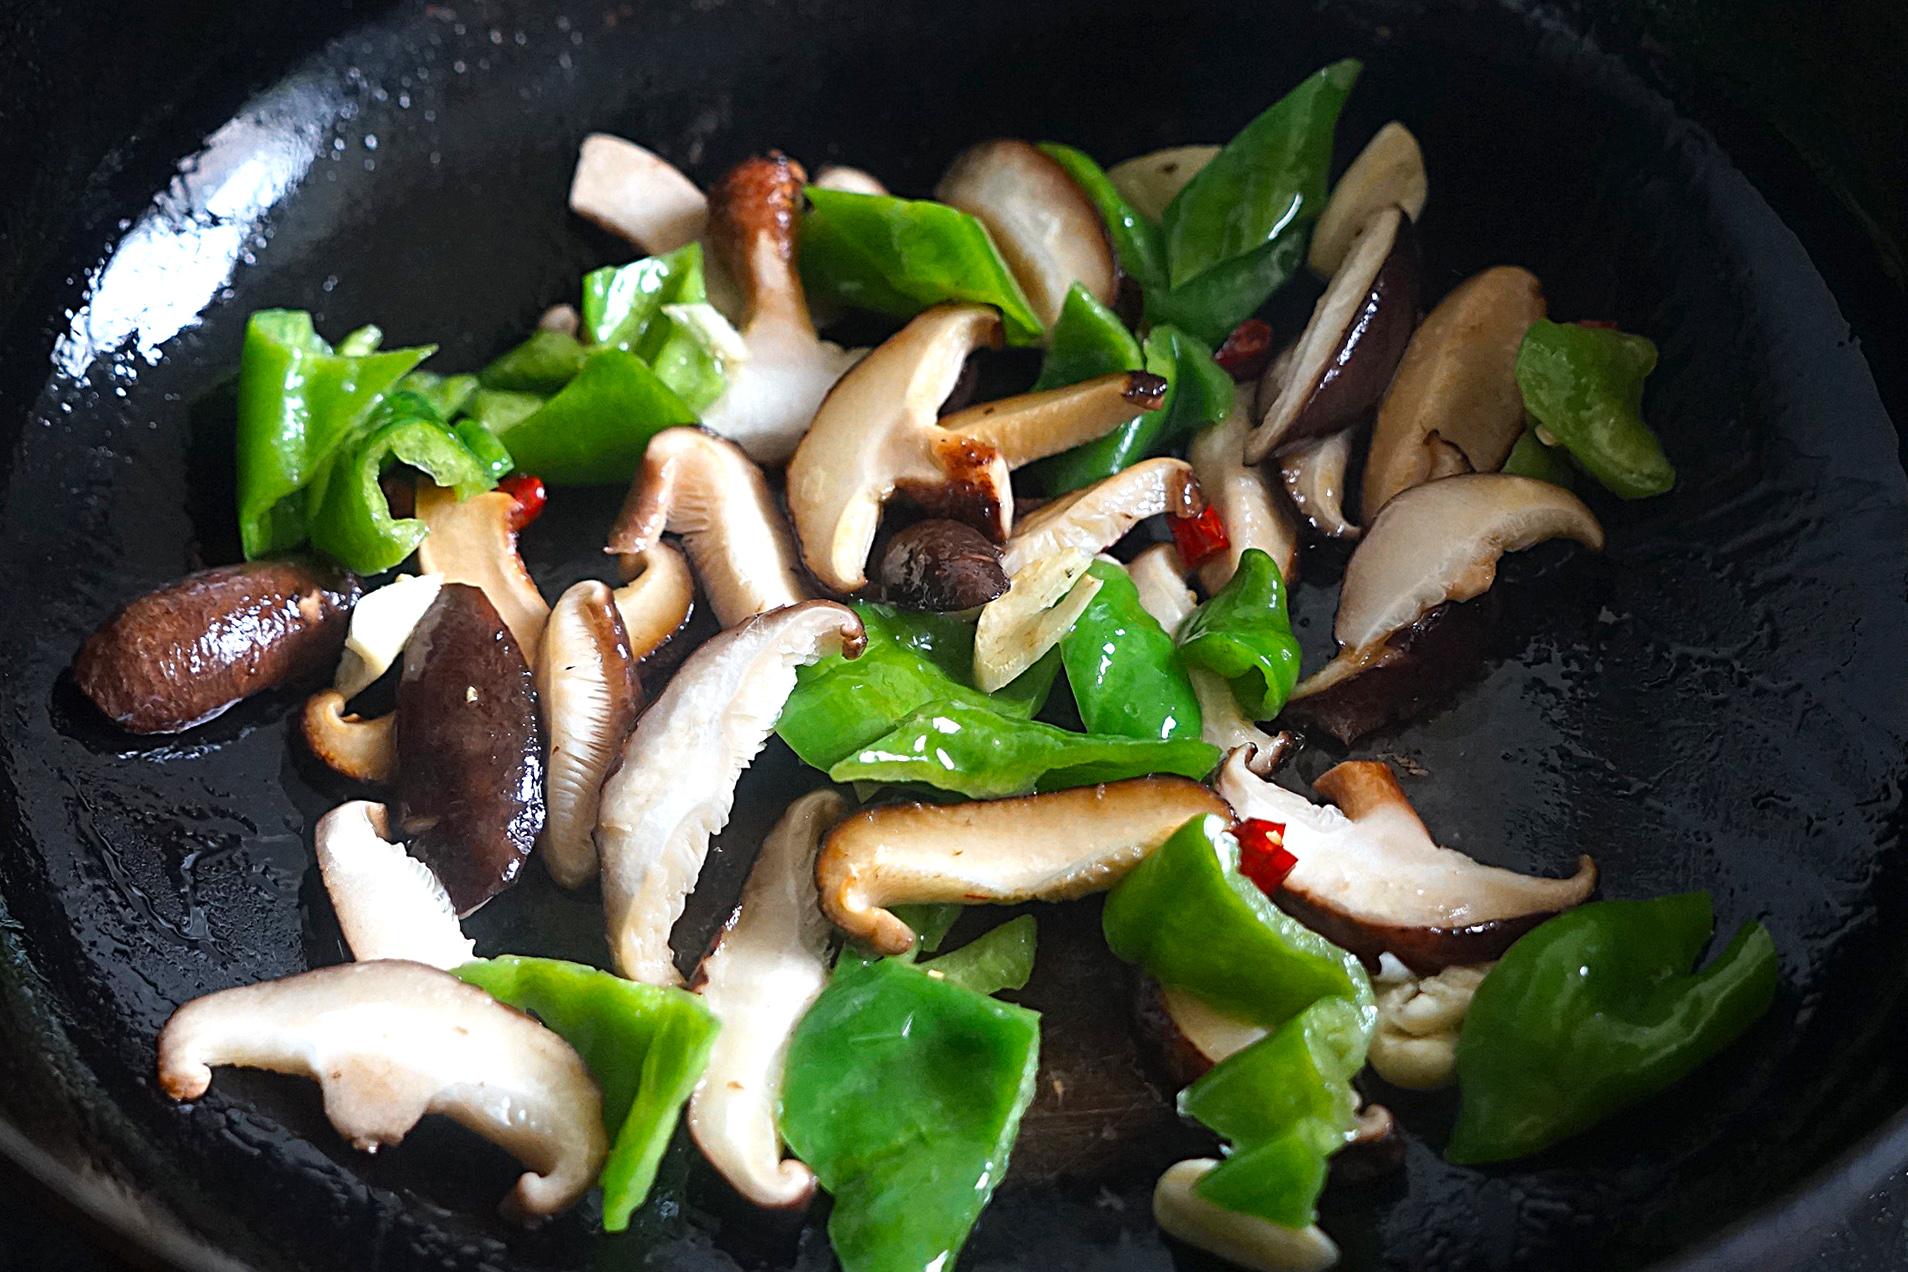 明日谷雨节气,给家人吃这菜,鲜嫩营养又美味,比春笋还要好吃 美食做法 第7张